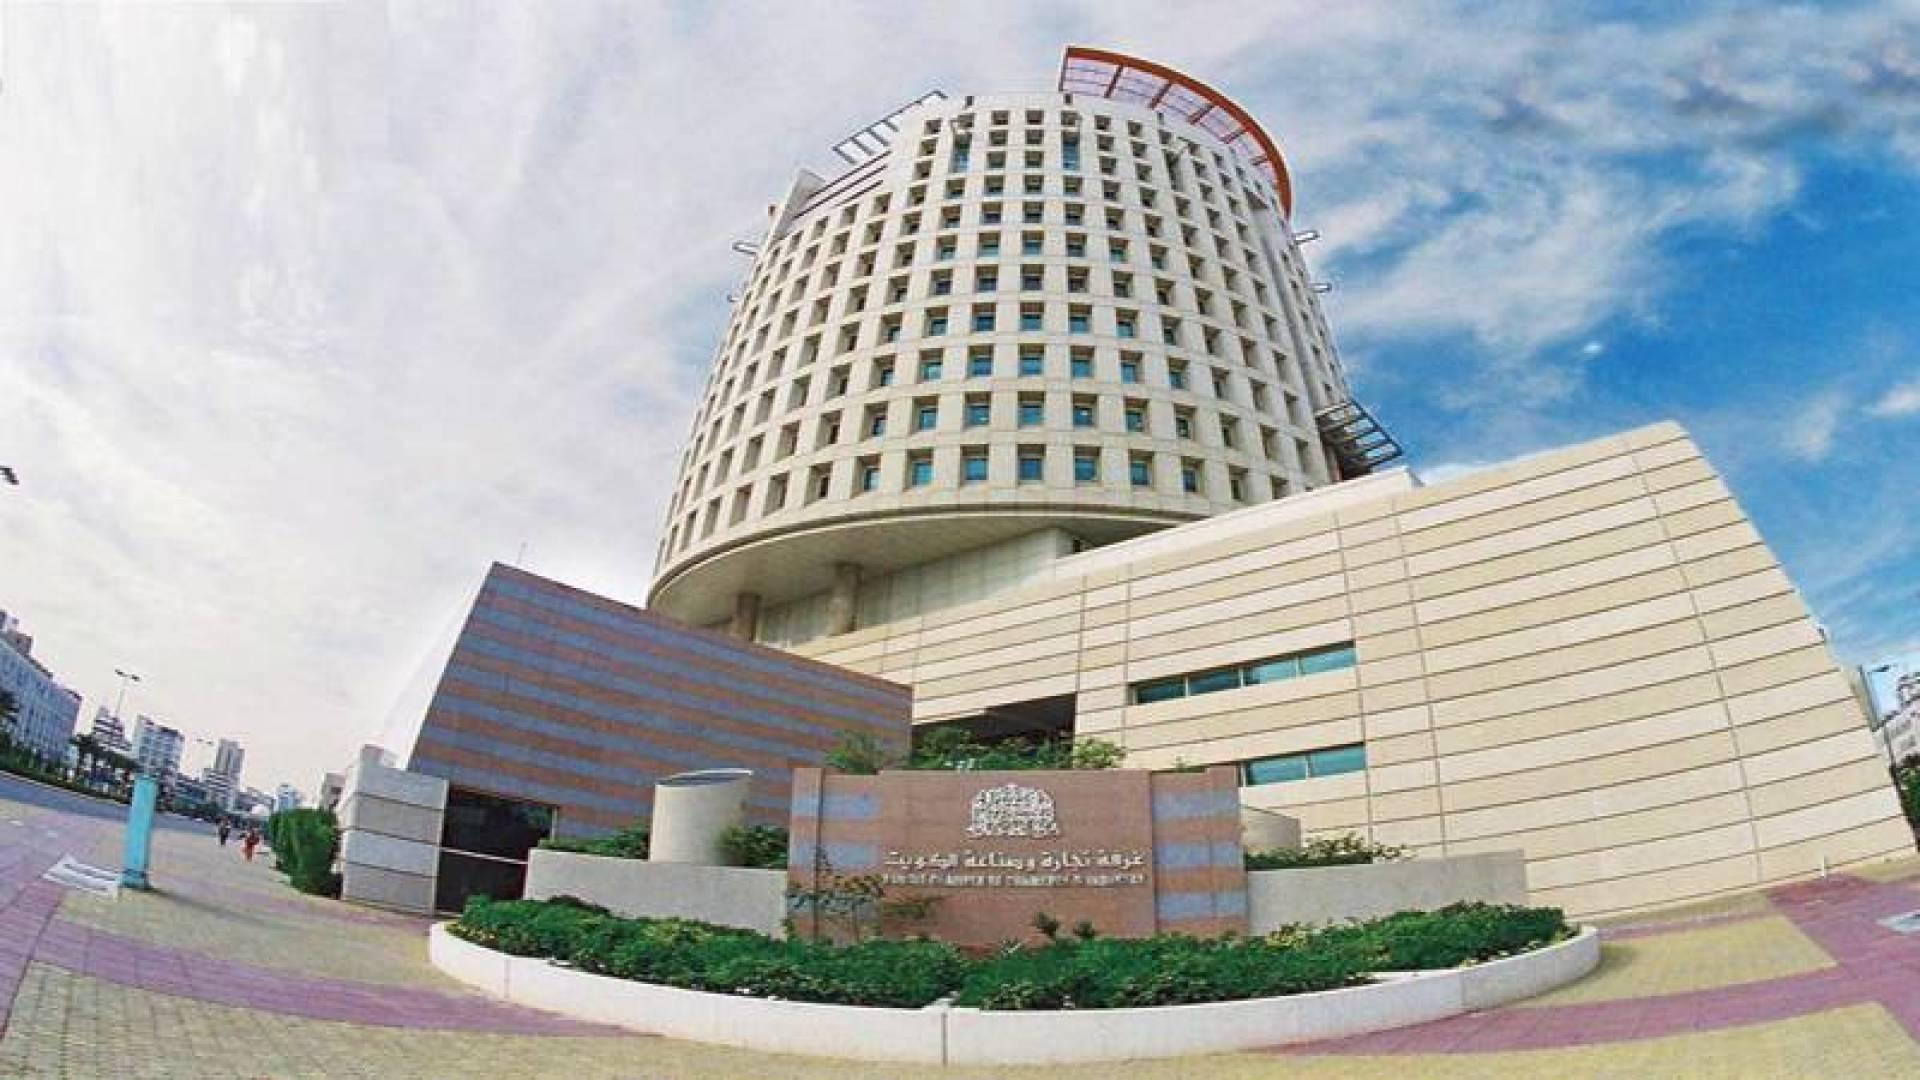 غرفة التجارة: تحفيز مالي بنسبة 15% - 20% من الناتج